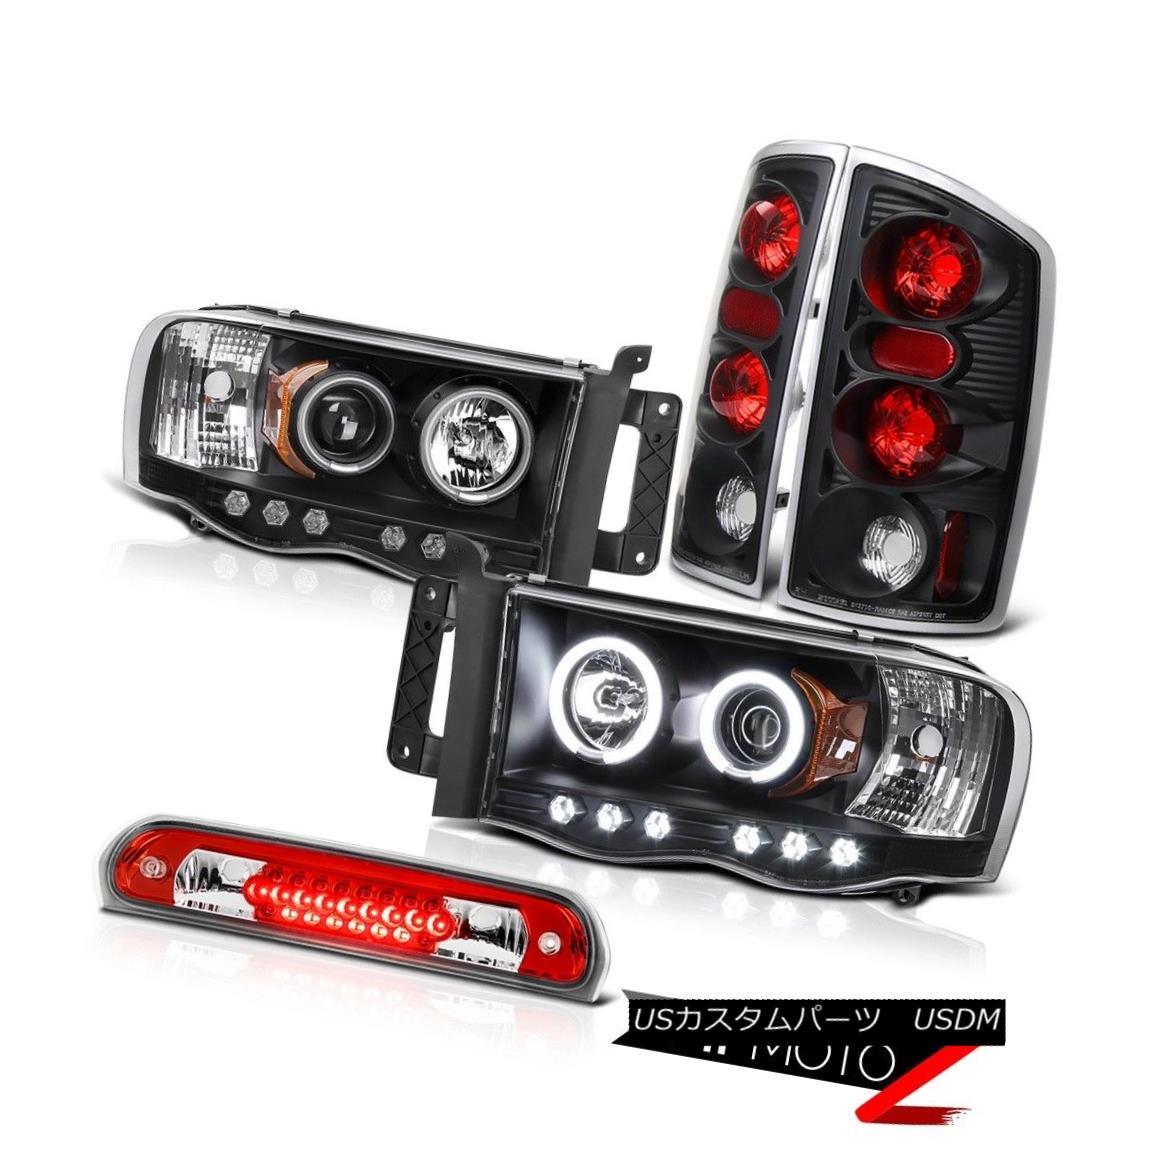 テールライト Angel Eye CCFL Headlamps Signal Tail Lights Black High Stop LED Red 02-05 Ram エンジェルアイCCFLヘッドランプ信号テールライトブラックハイストップLEDレッド02-05 Ram